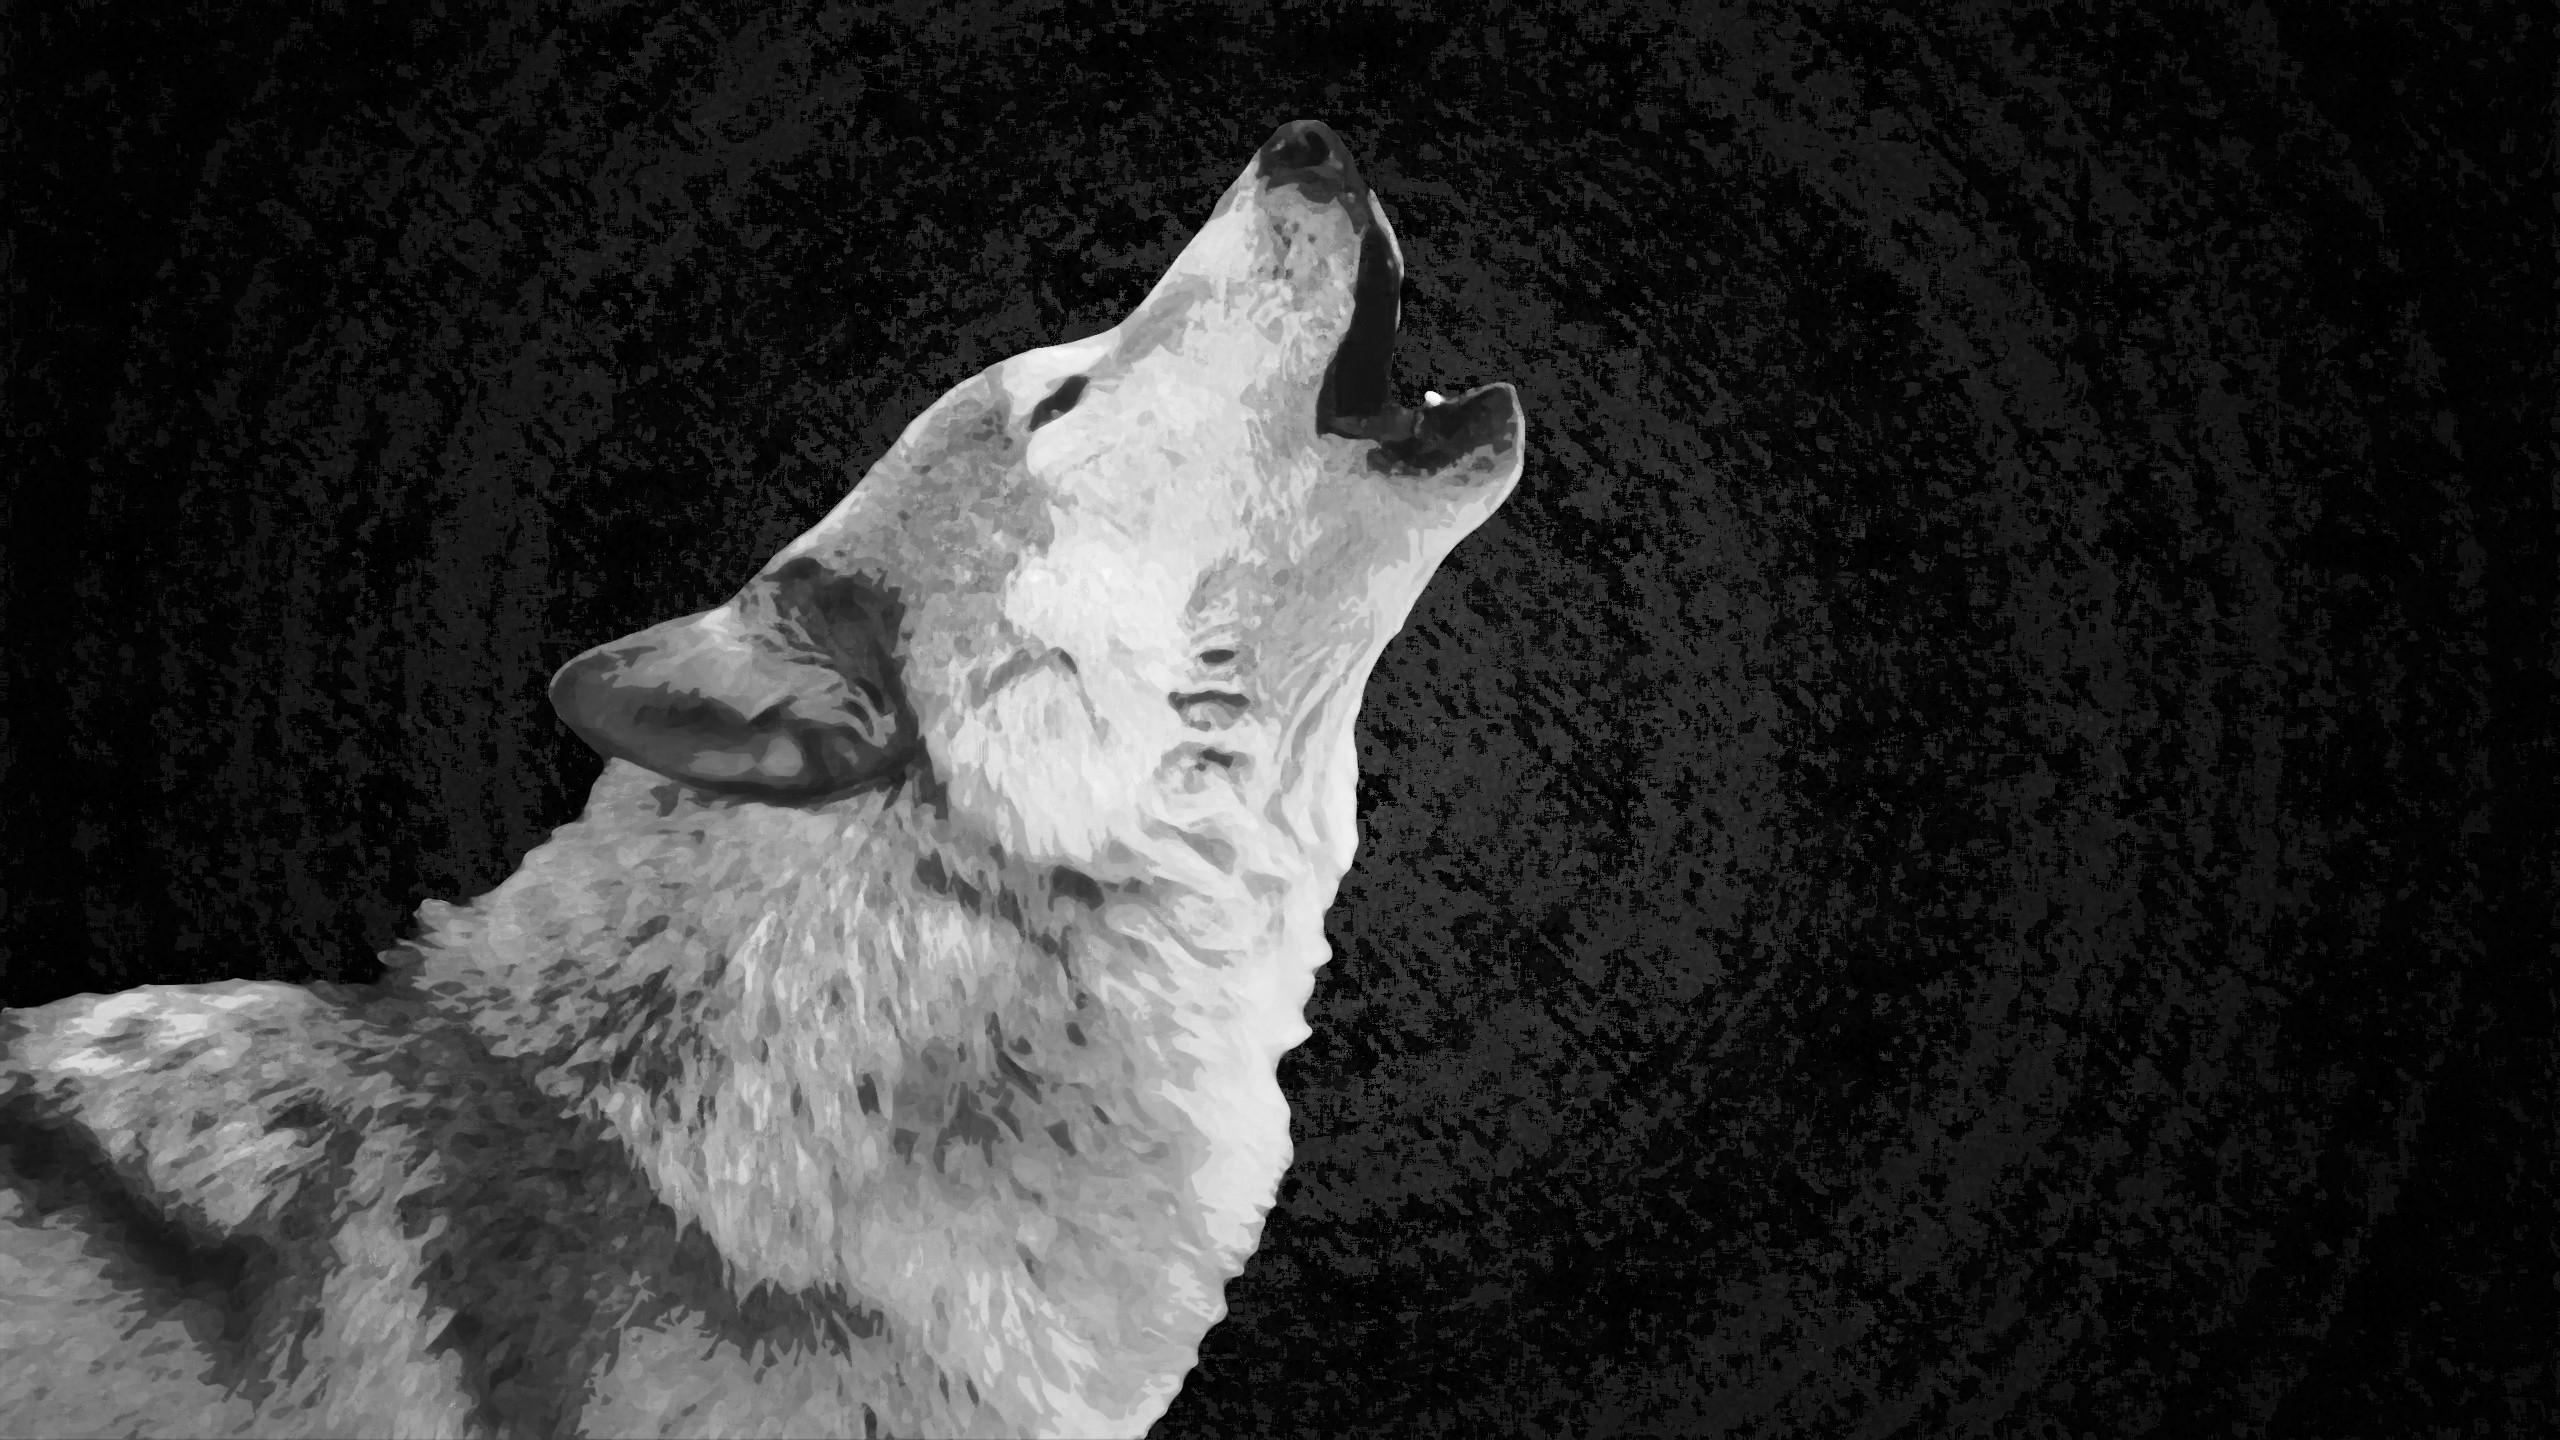 Wolf Wallpaper White by xHuskie Wolf Wallpaper White by xHuskie